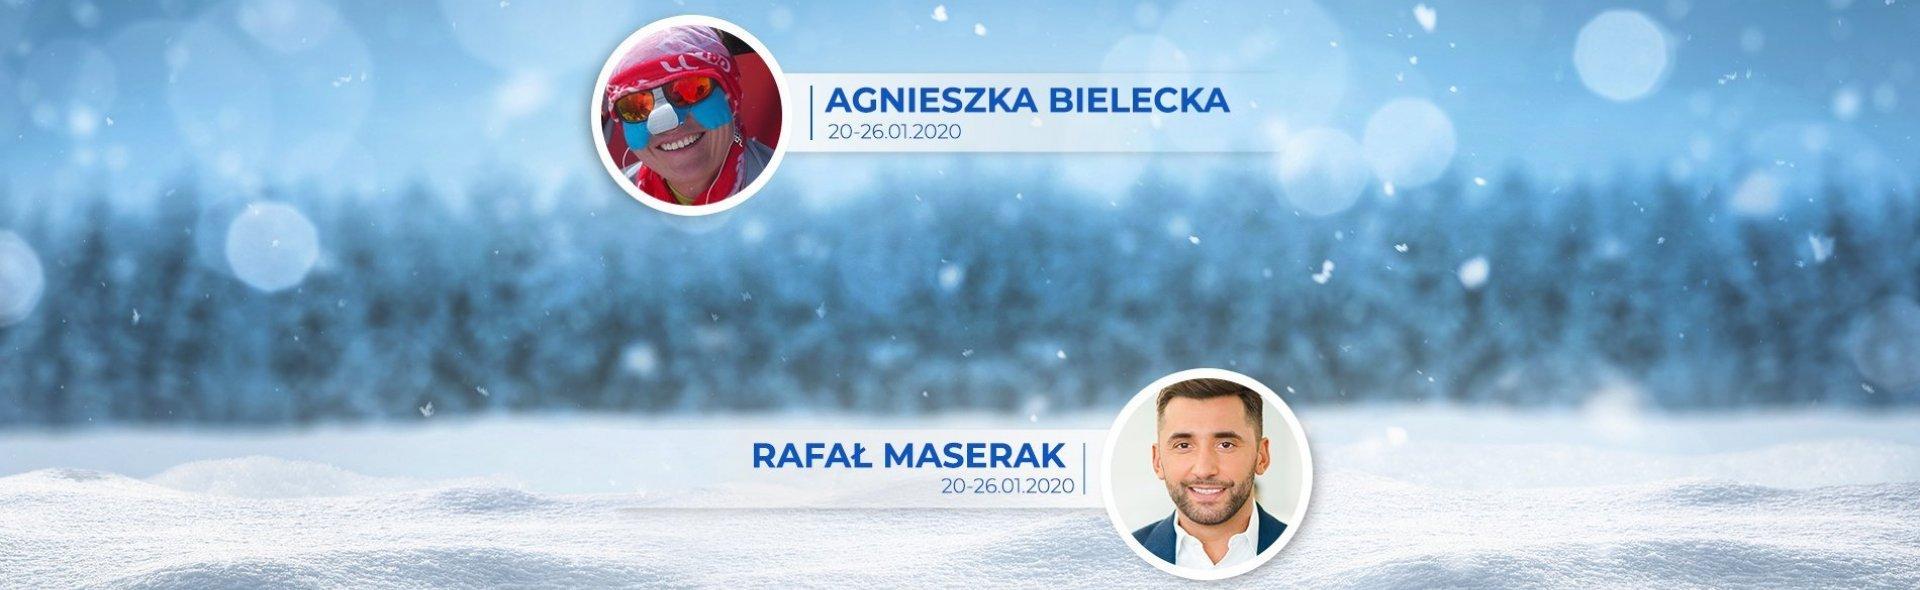 FERIE ODKRYWCÓW - II tydzień (20-26.01.2020) z Agnieszką Bielecką i Rafałem Maserakiem